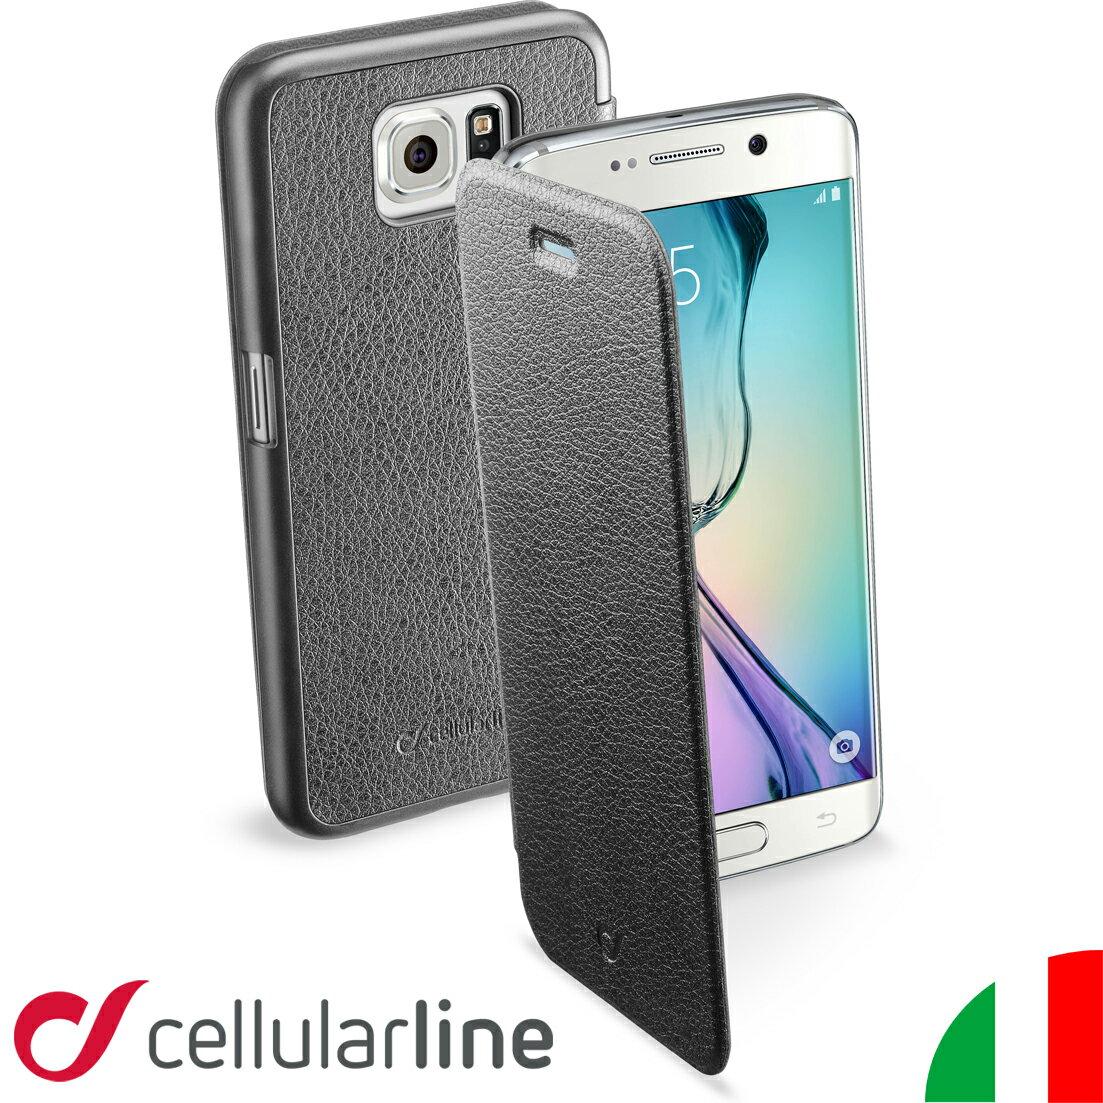 スマートフォン・携帯電話アクセサリー, ケース・カバー Galaxy S6 edge Cellularline s6 galaxys6 s6